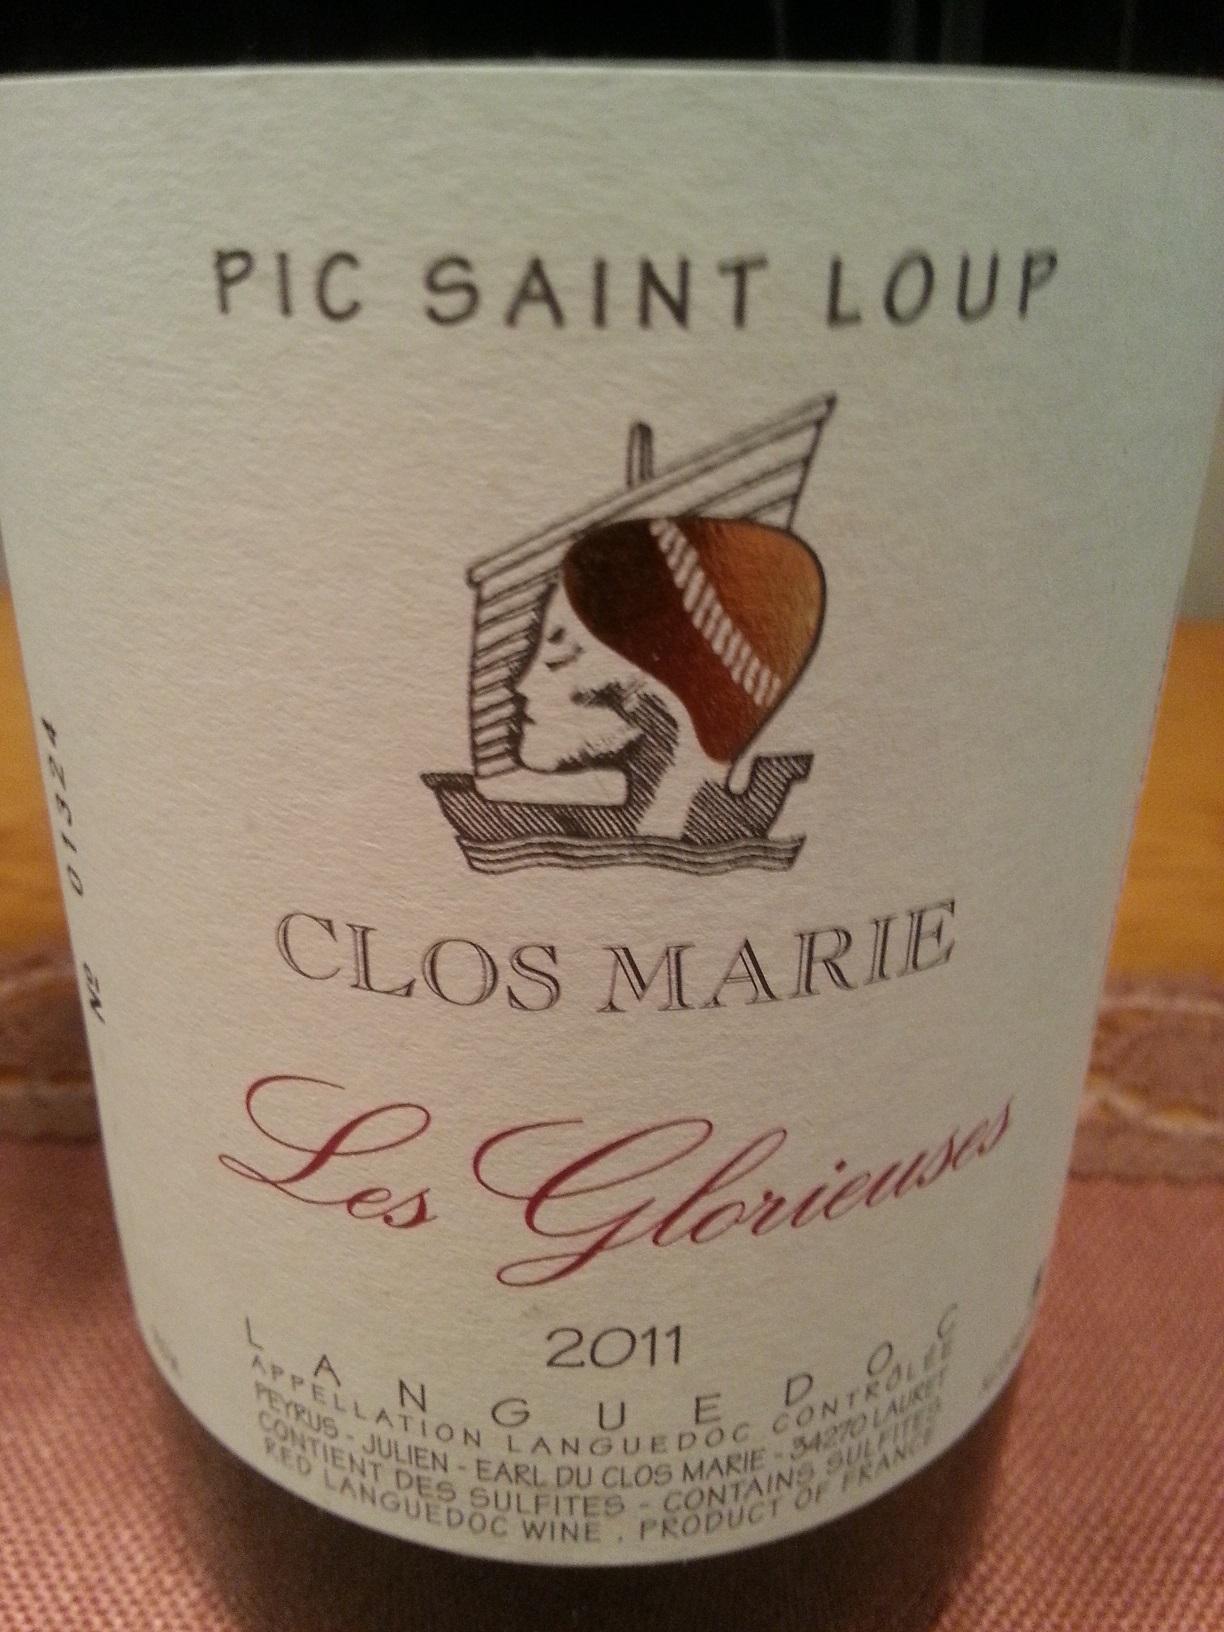 2011 Les Glorieuses Pic Saint Loup | Clos Marie